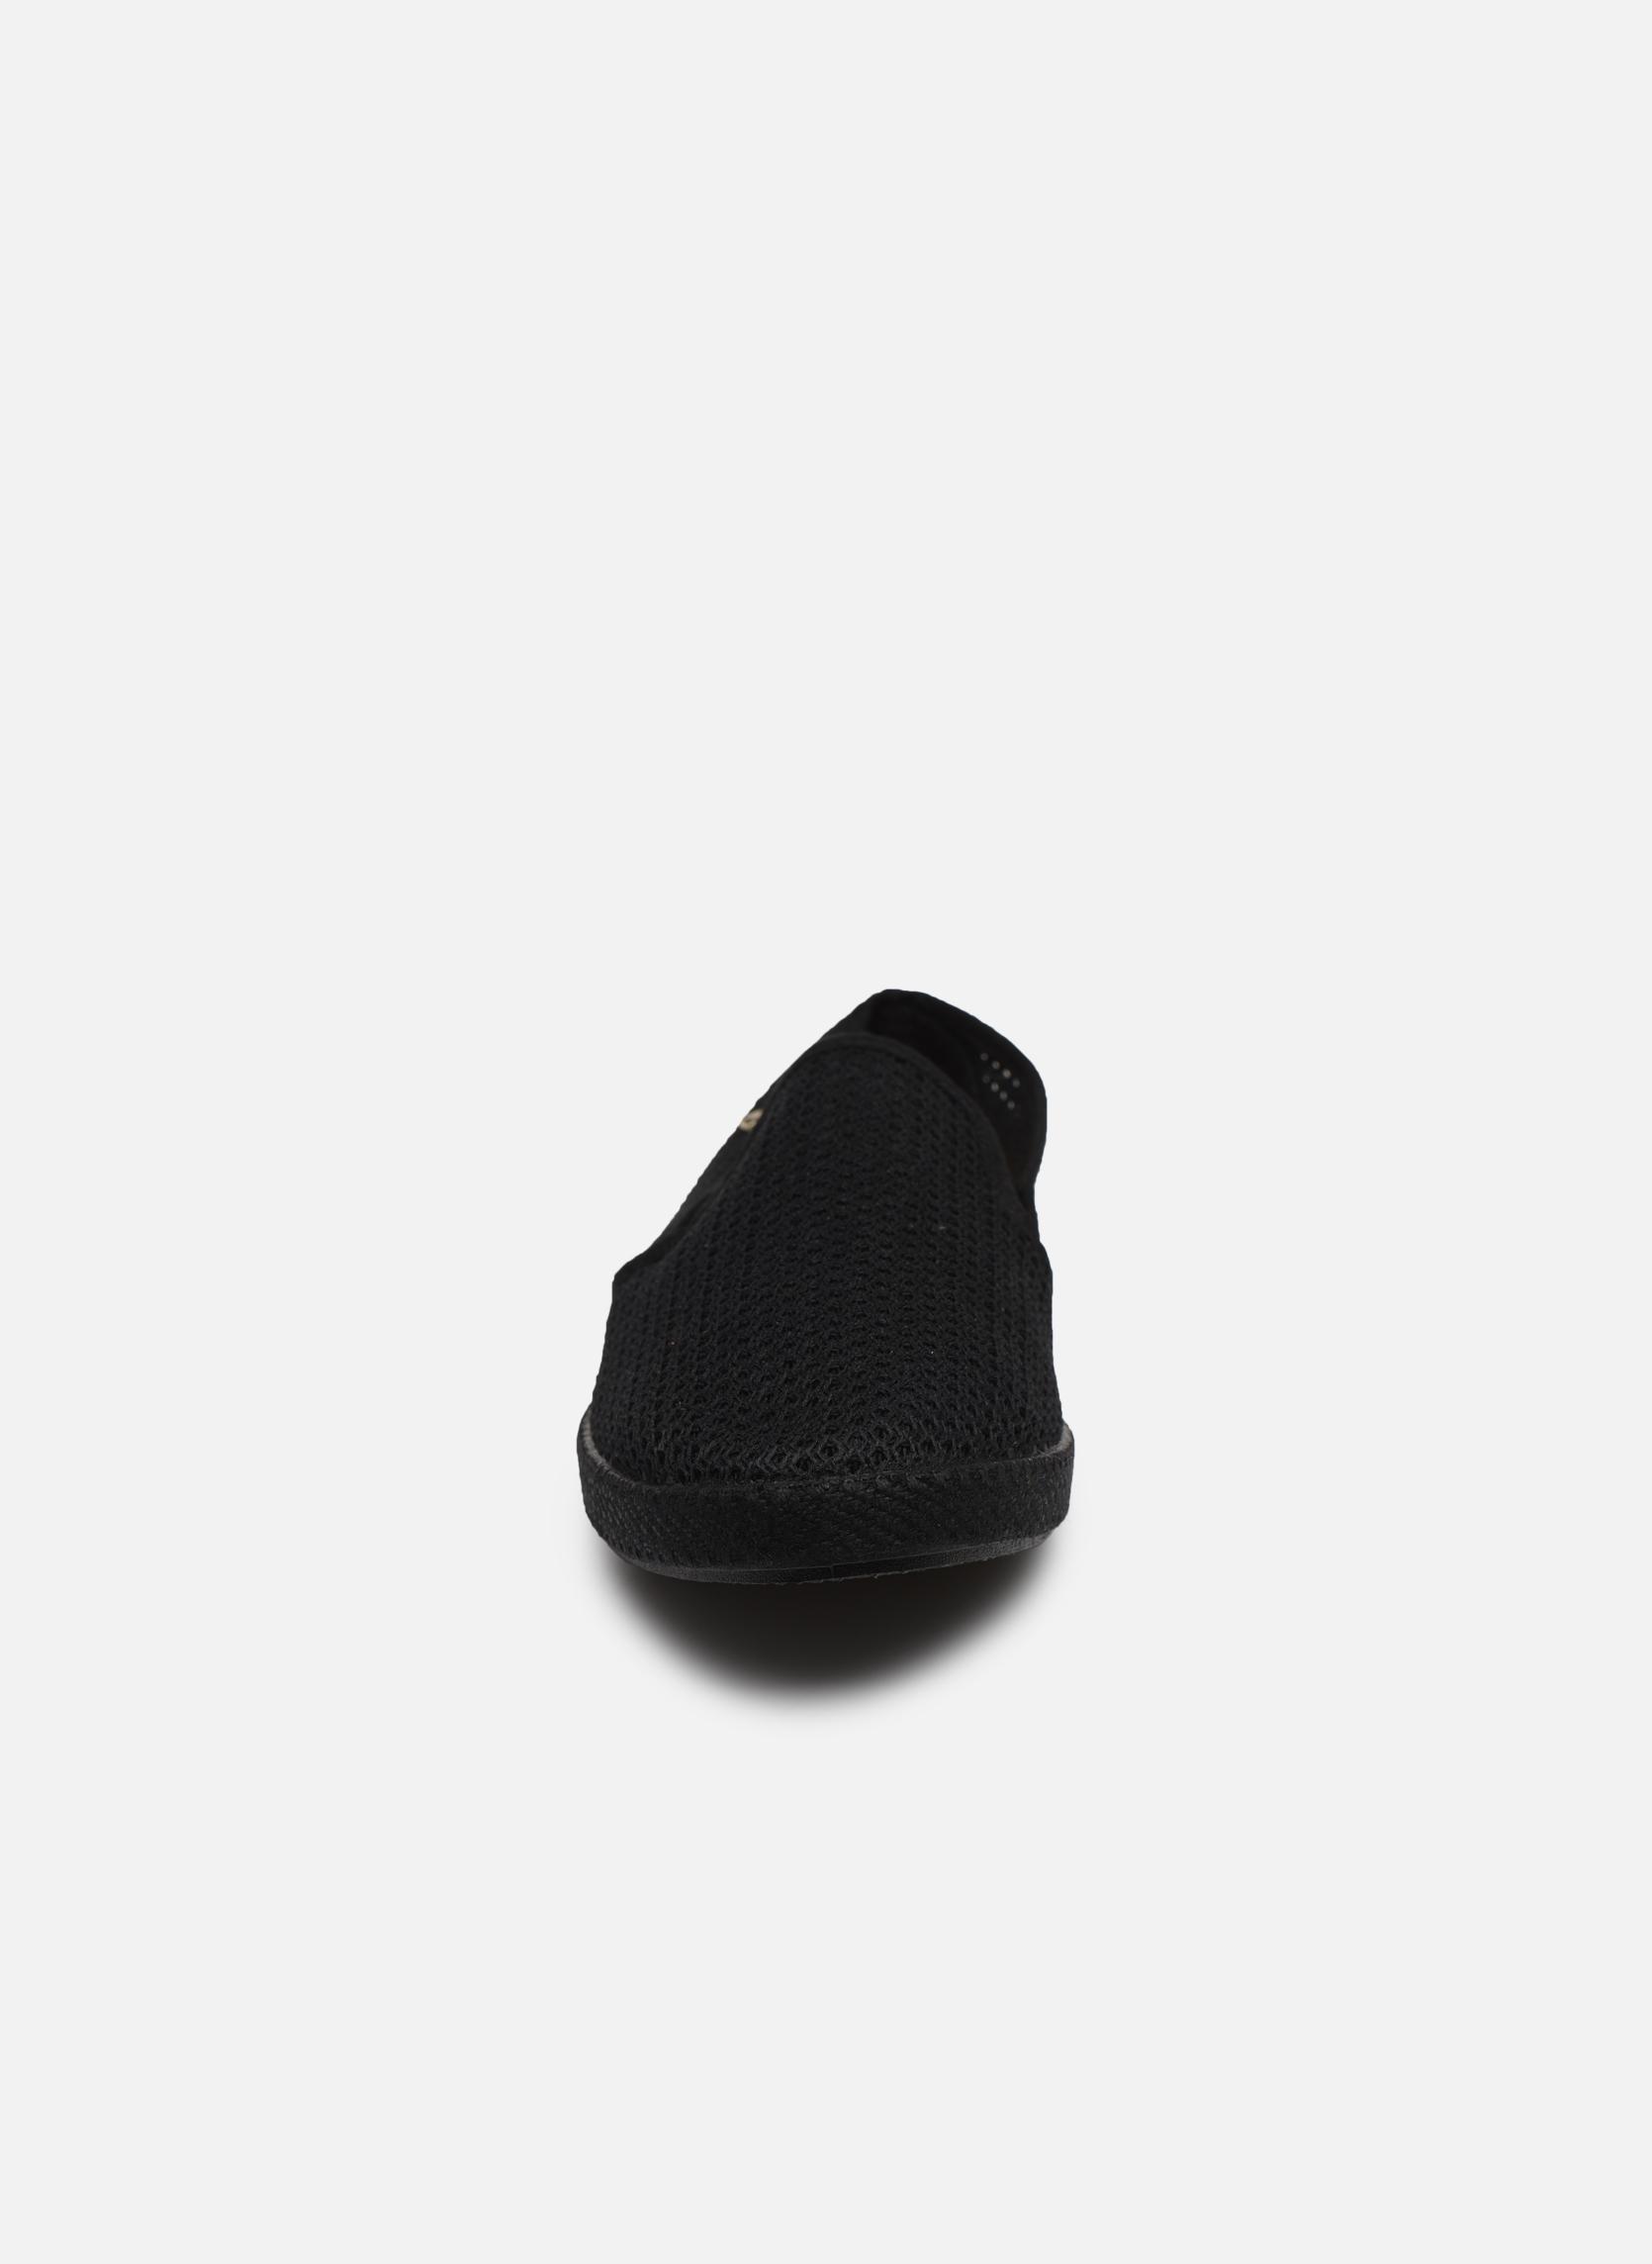 30°c m Noir